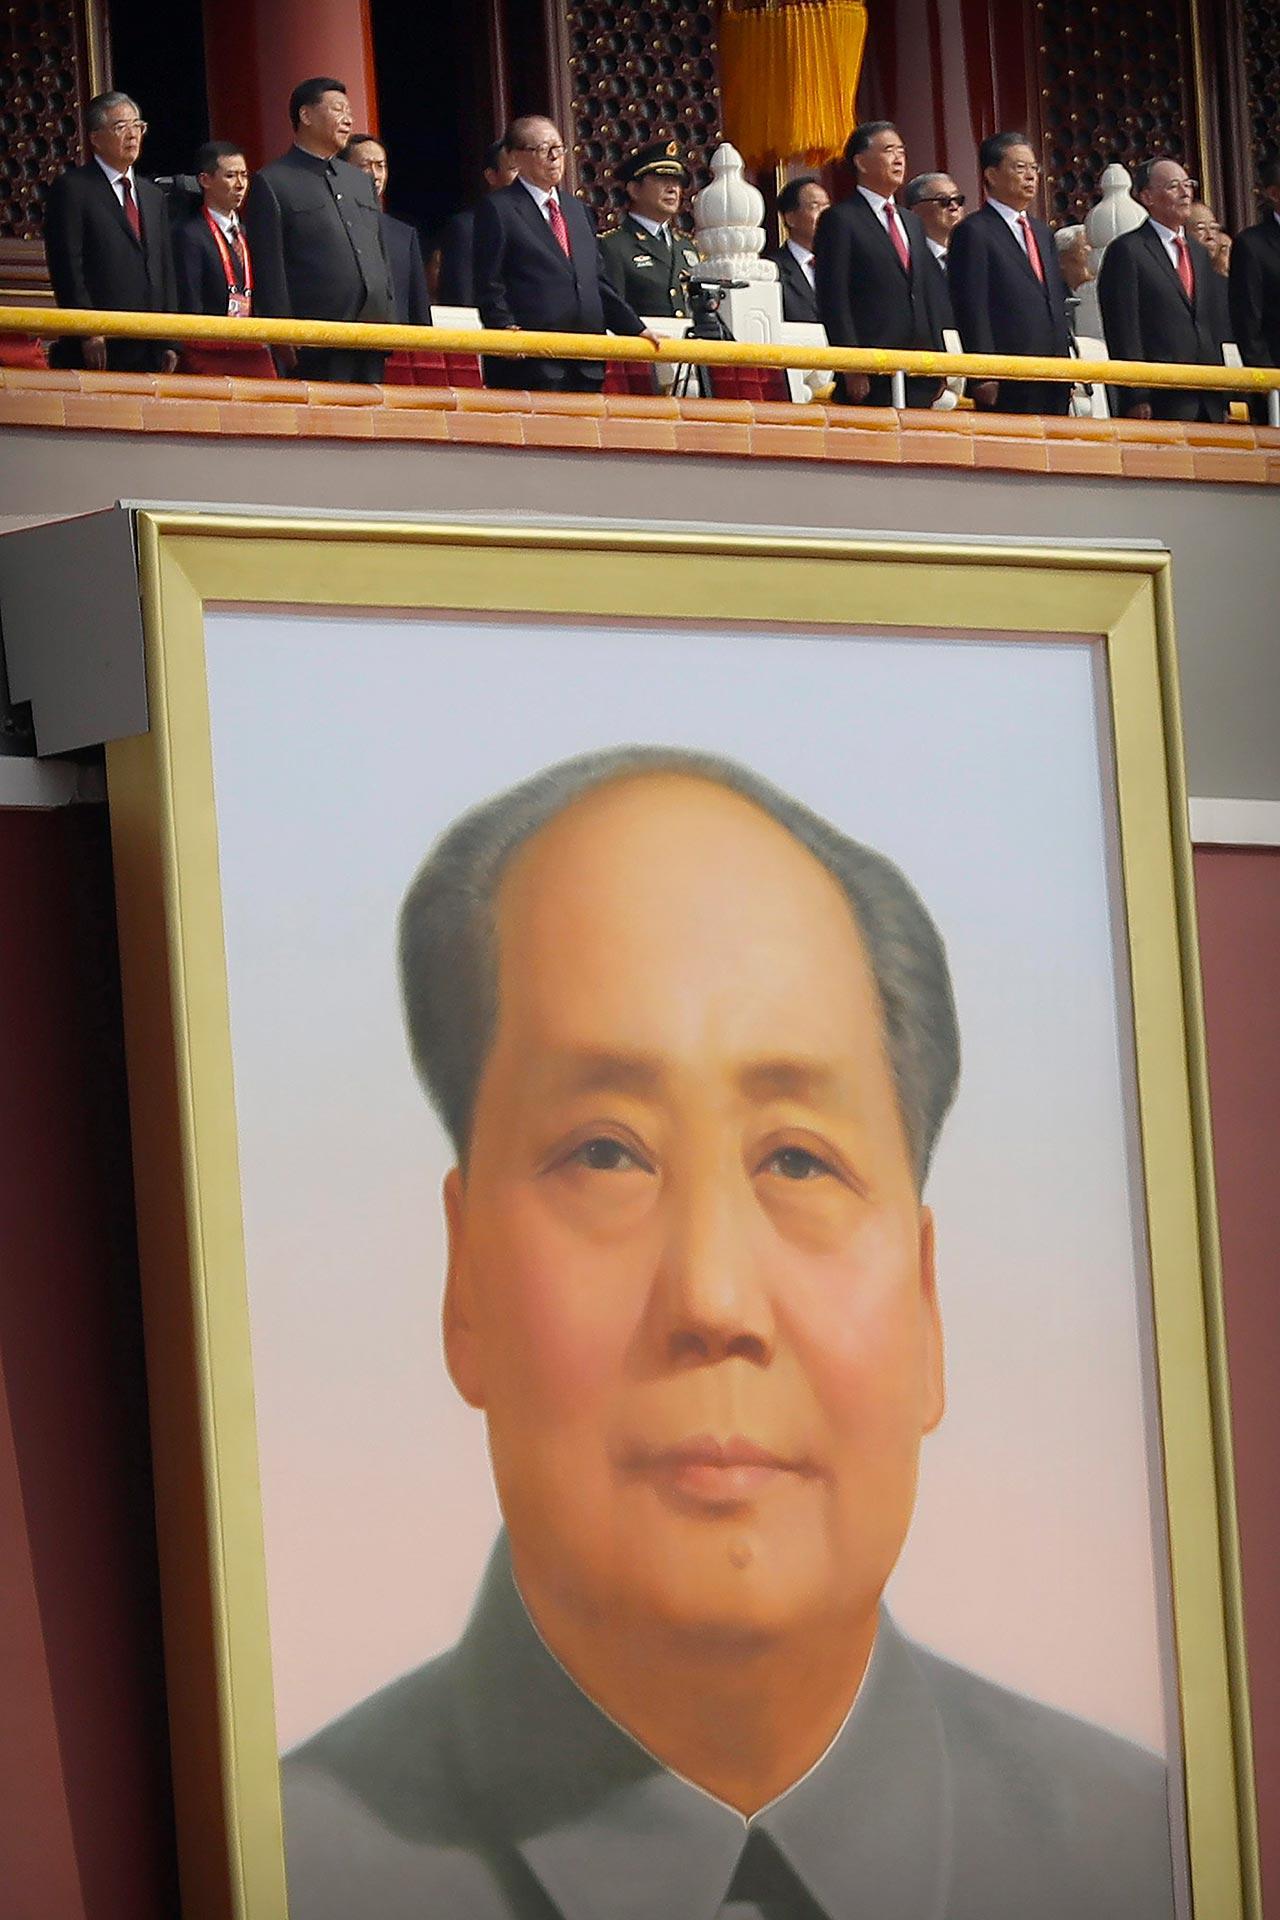 วันสำคัญ–คณะผู้นำจีน รวมทั้งประธา-นาธิบดีสีี จิ้นผิง อดีตประธานาธิบดีเจียง เจ๋อหมิน และหู จิ่นเทา ยืนบนประตูเทียนอันเหมิน กรุงปักกิ่ง ระหว่างพิธีเฉลิมฉลองวันครบรอบ 70 ปีการก่อตั้ง สาธารณรัฐประชาชนจีนเมื่อ 1 ต.ค. (เอพี)